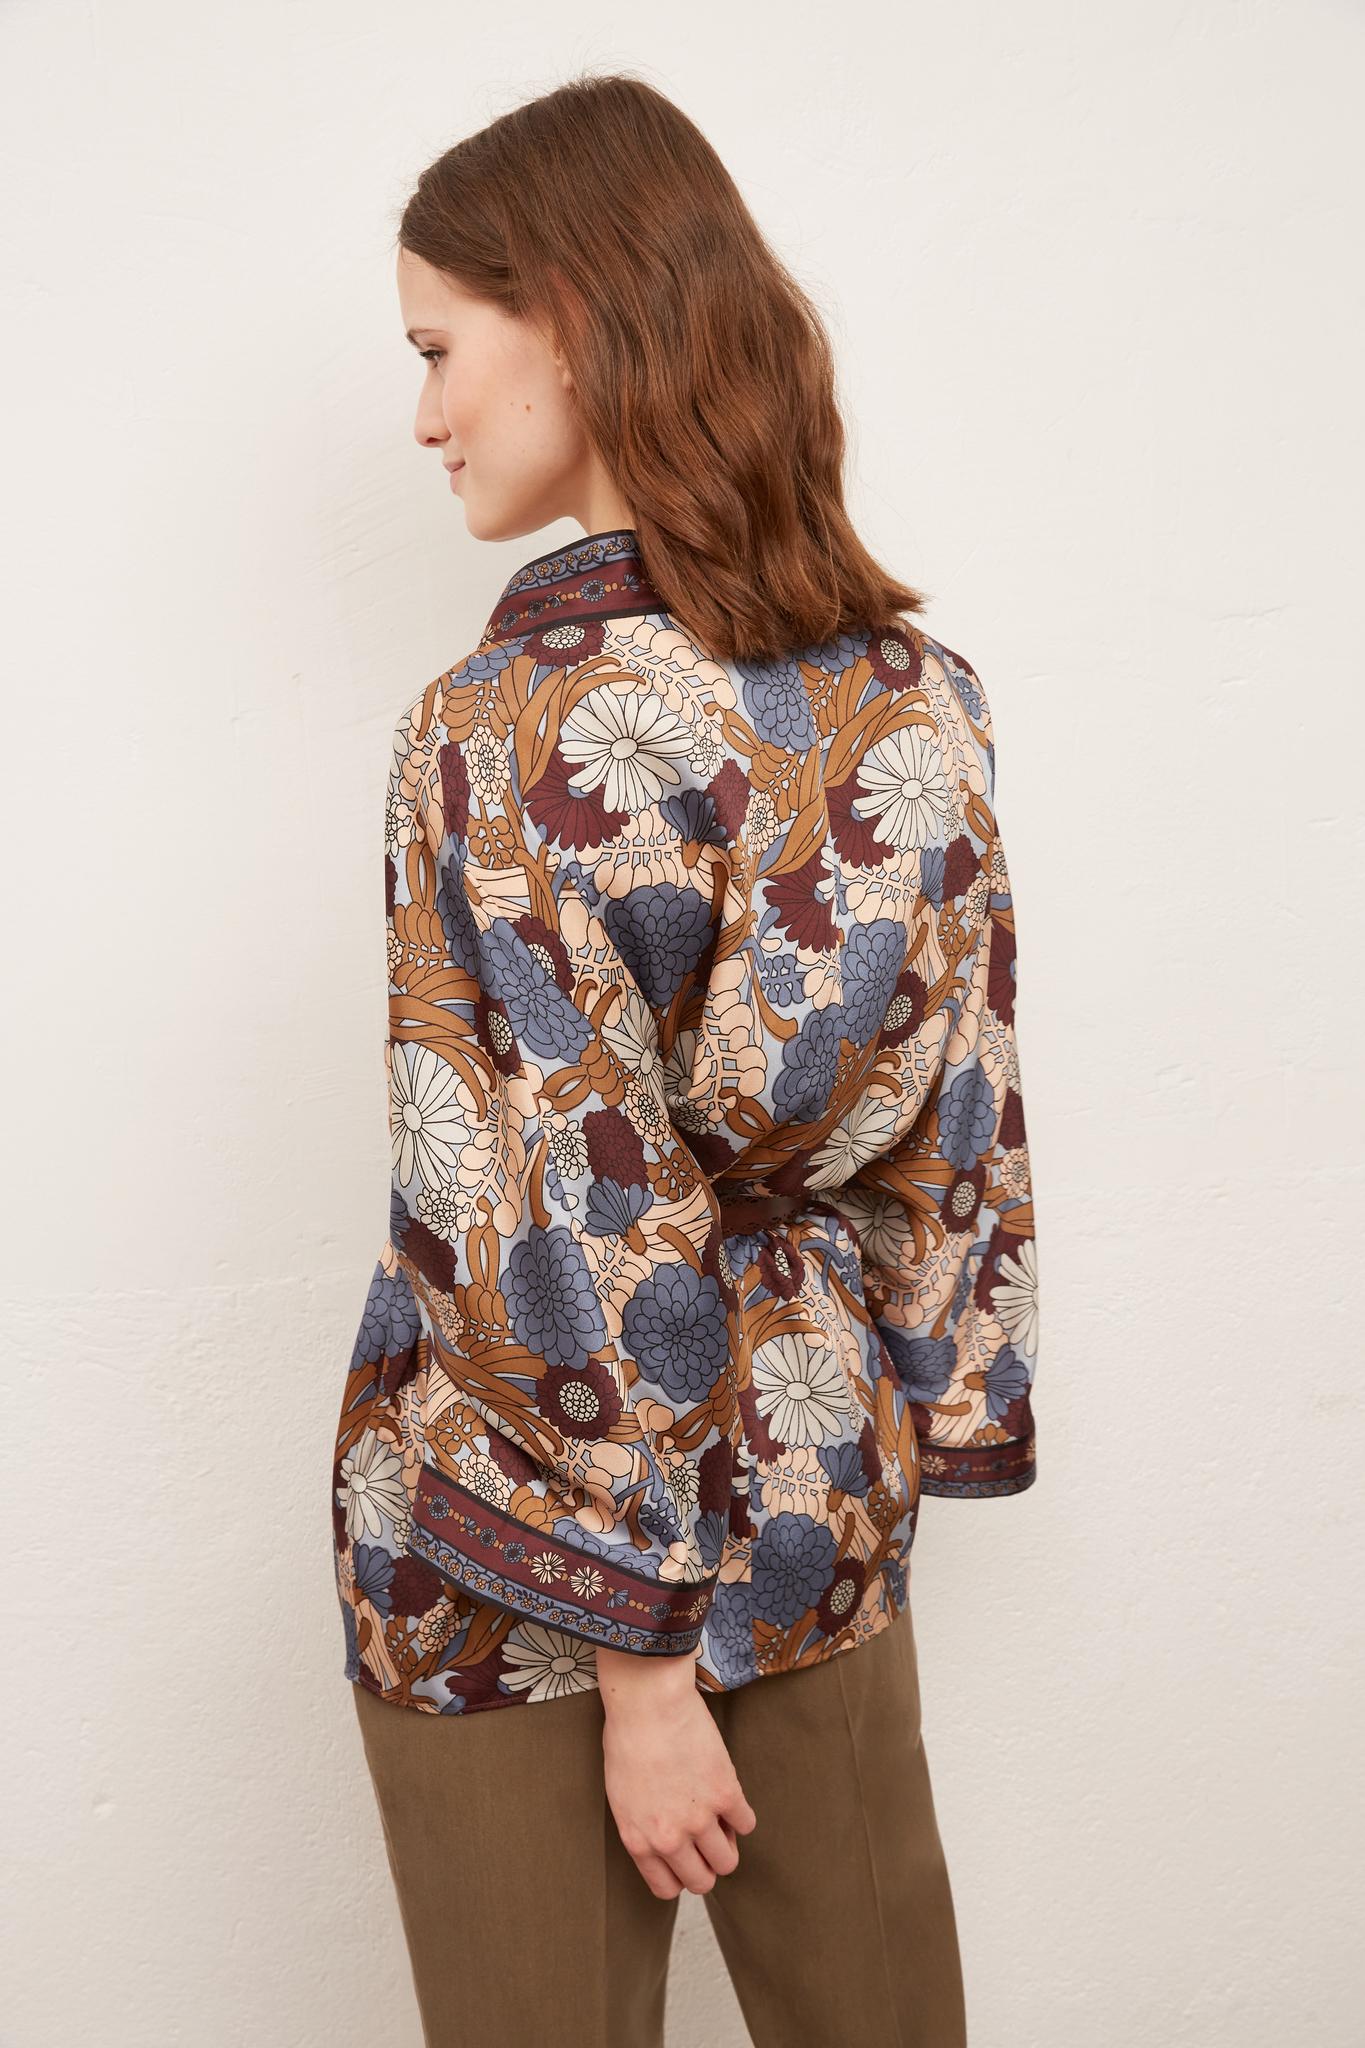 AGATHE - Жакет в стиле кимоно с цветочным принтом